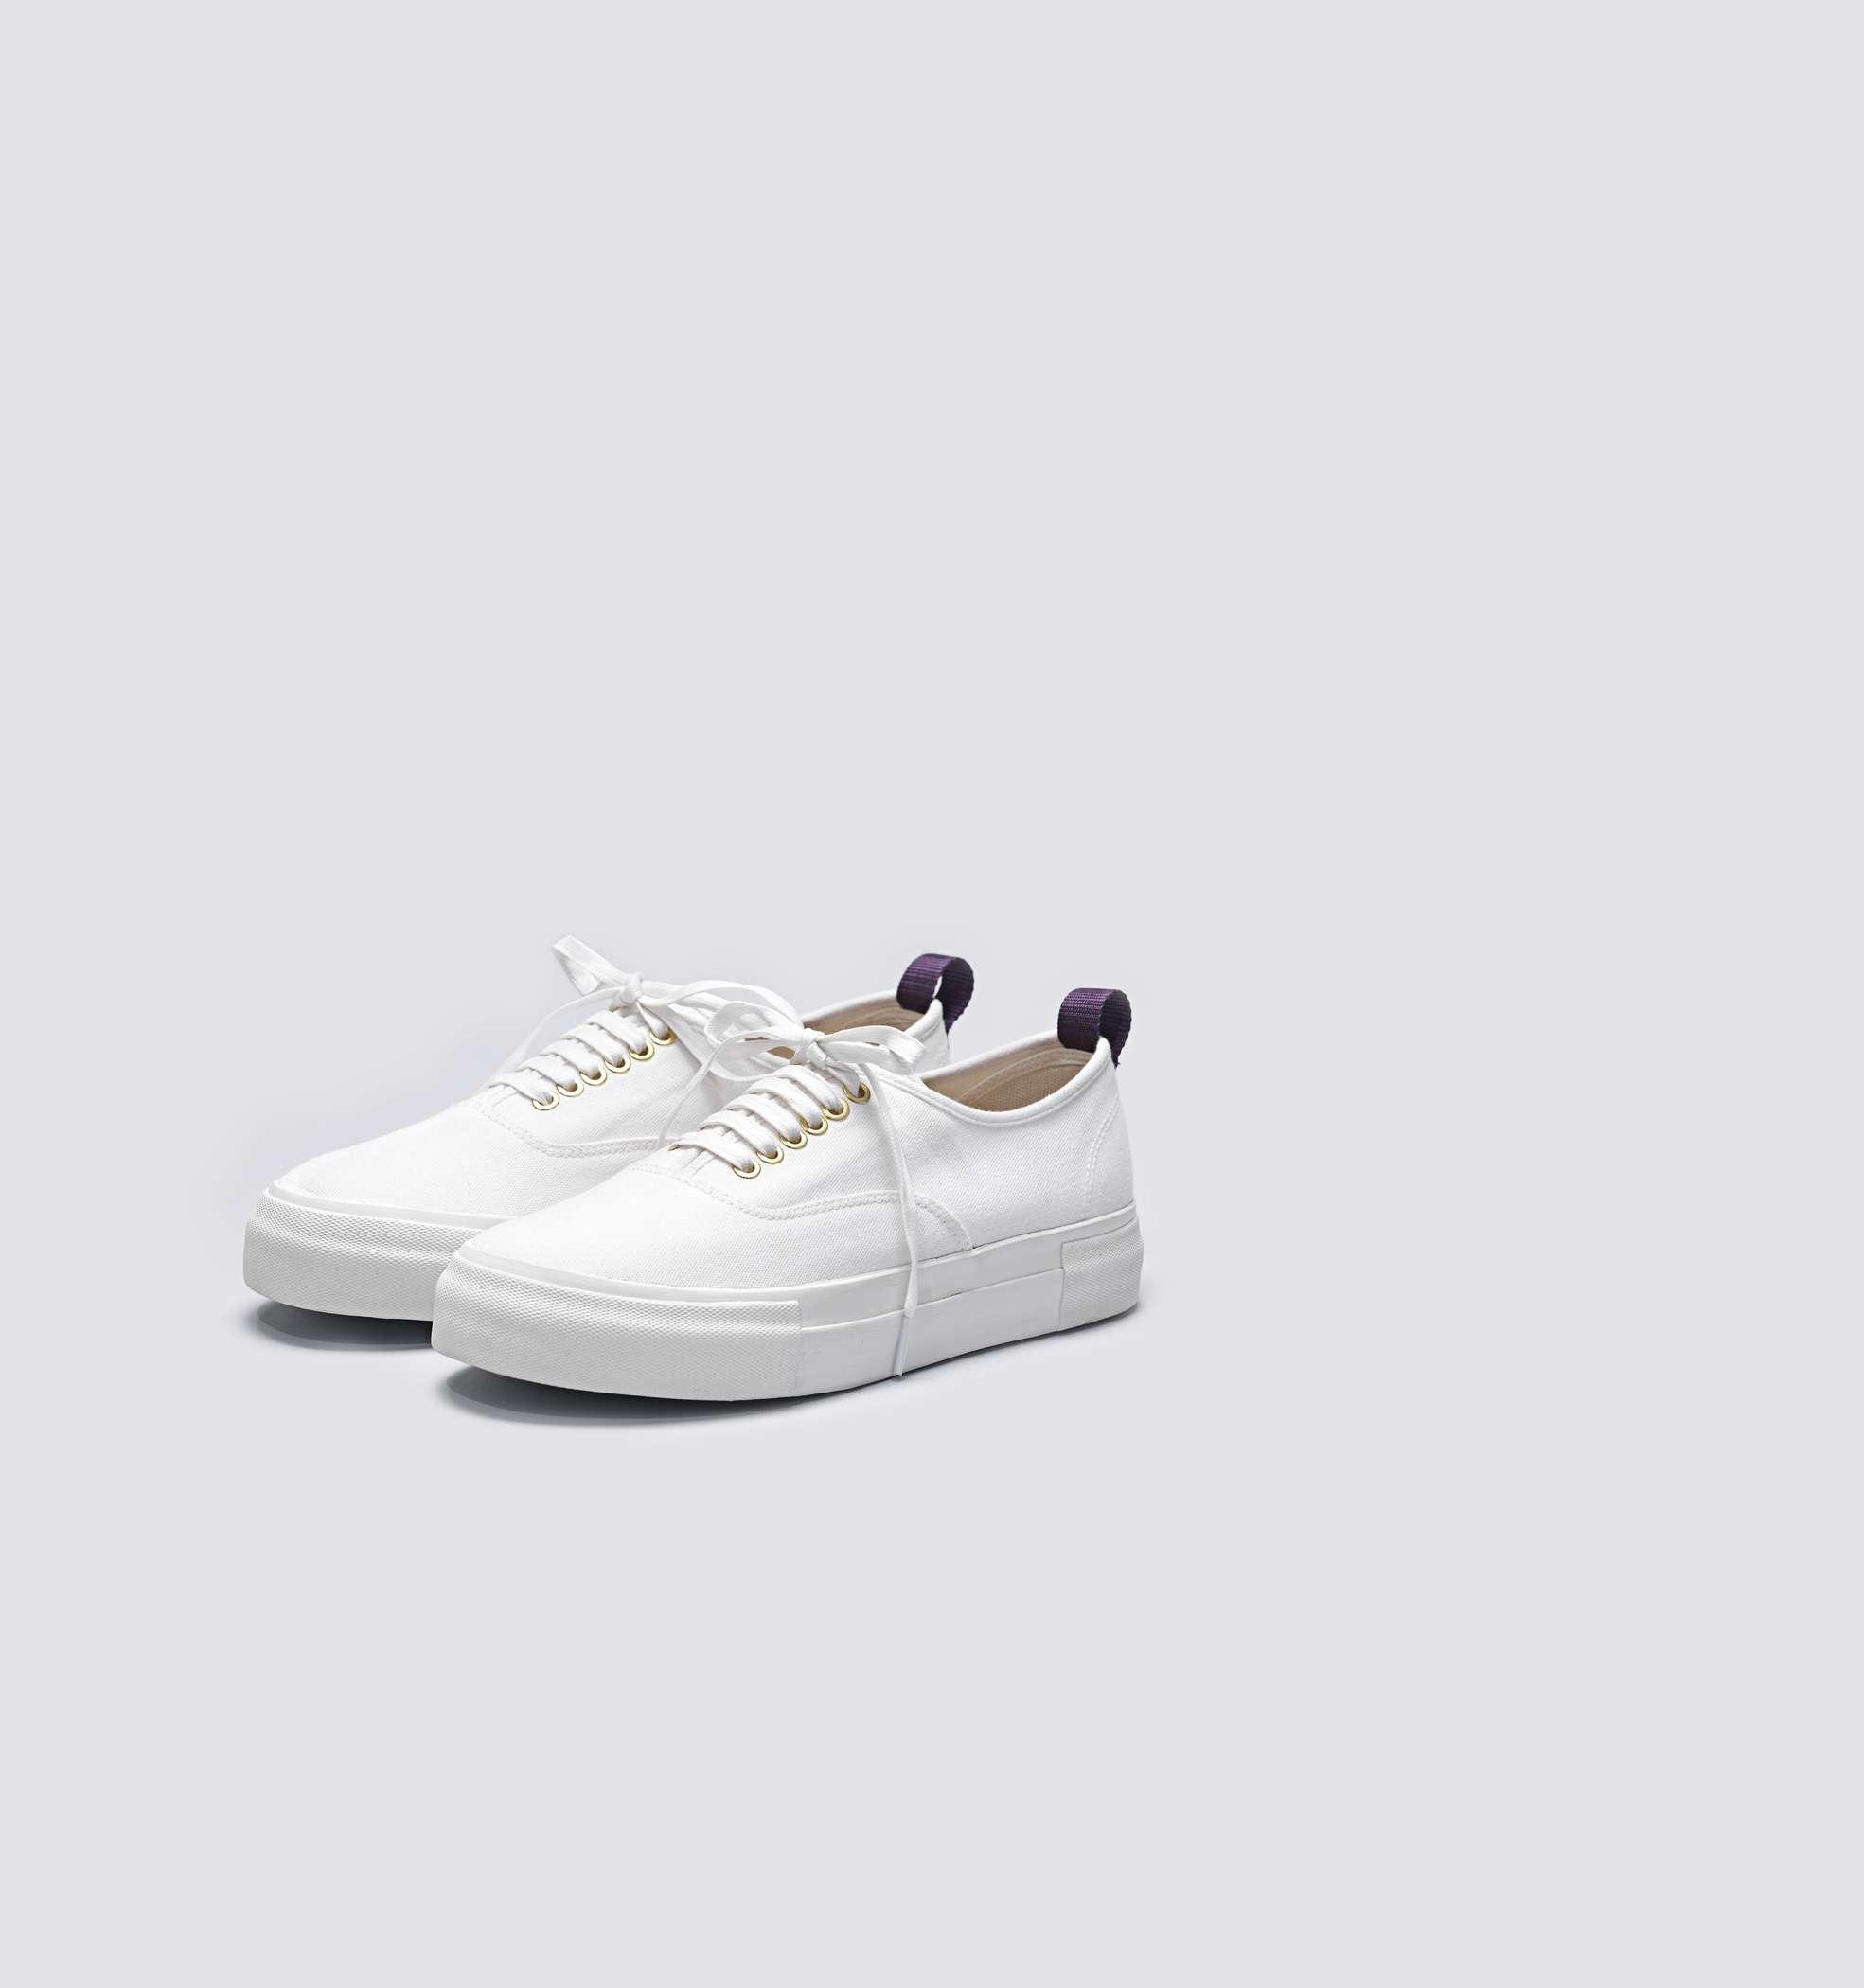 1e67c379c6d Kläder, skor och stil [Arkiv] - Sidan 95 - Kolozzeum Forum - Sveriges  största träningsforum